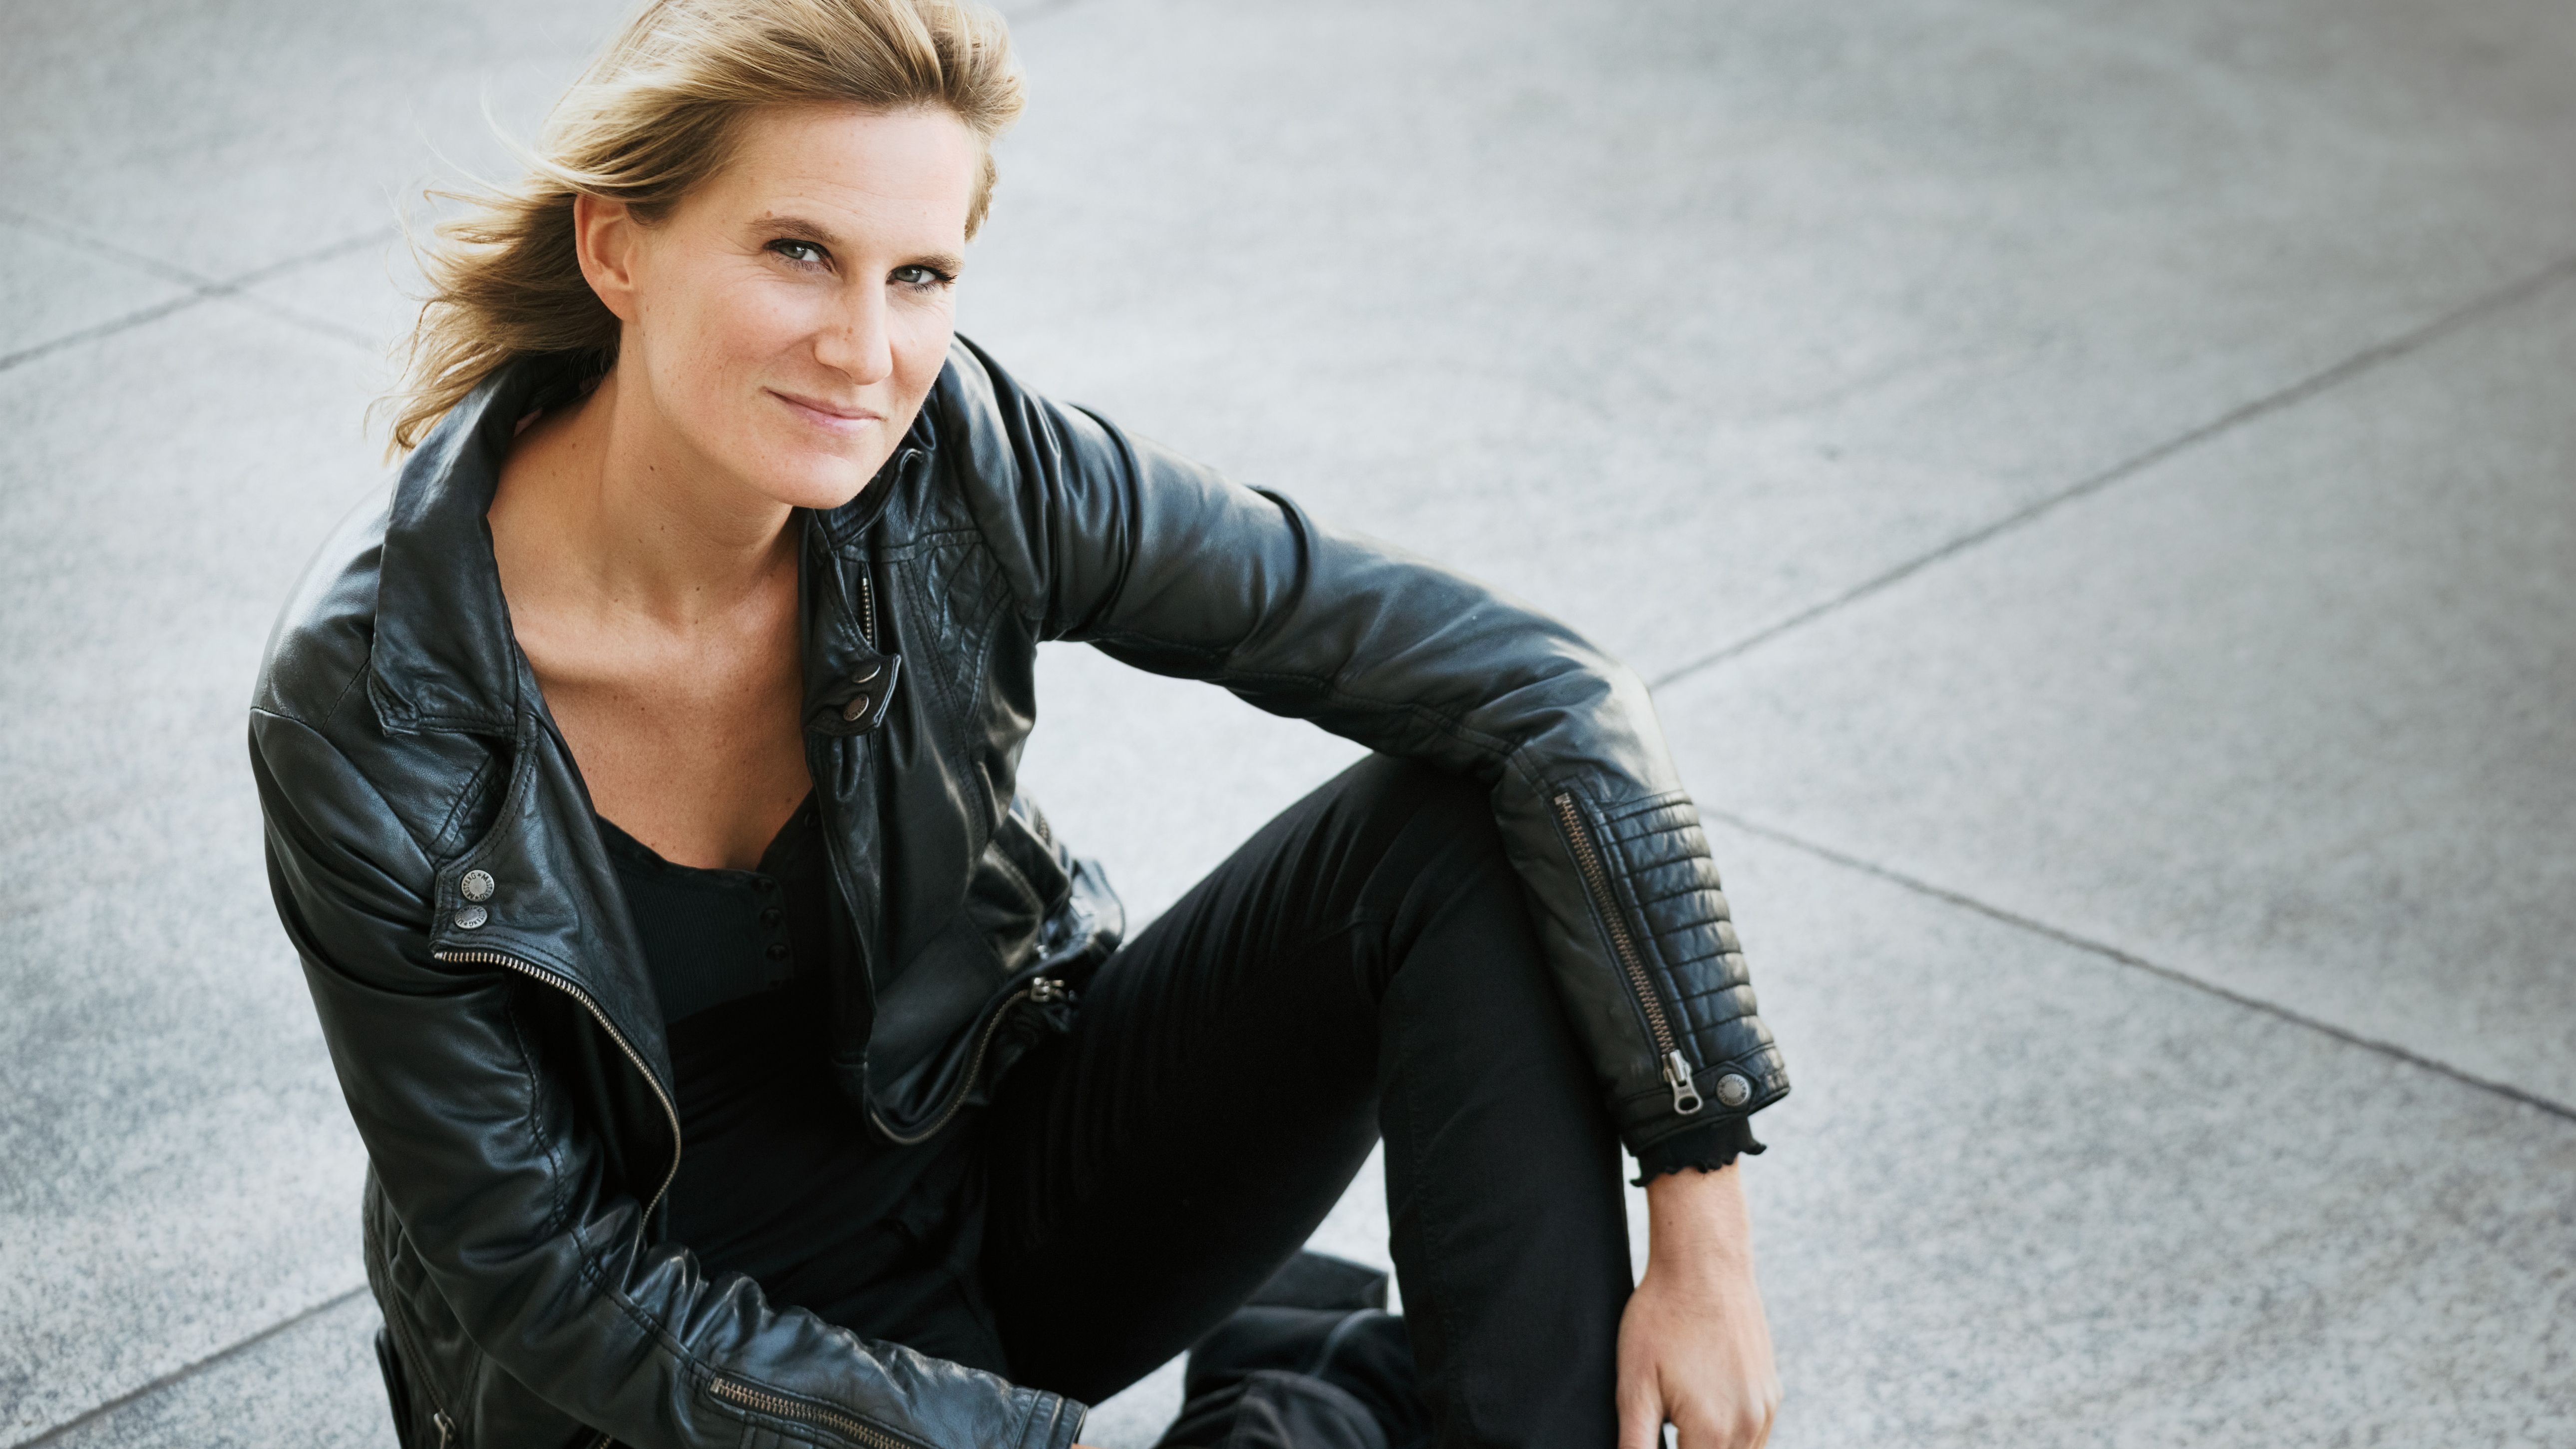 Lucy van Kuhl mit Liedermacher-Perfektion: Die Kölnerin sitzt am Boden, in schwarzer Laderjacke und Jeans